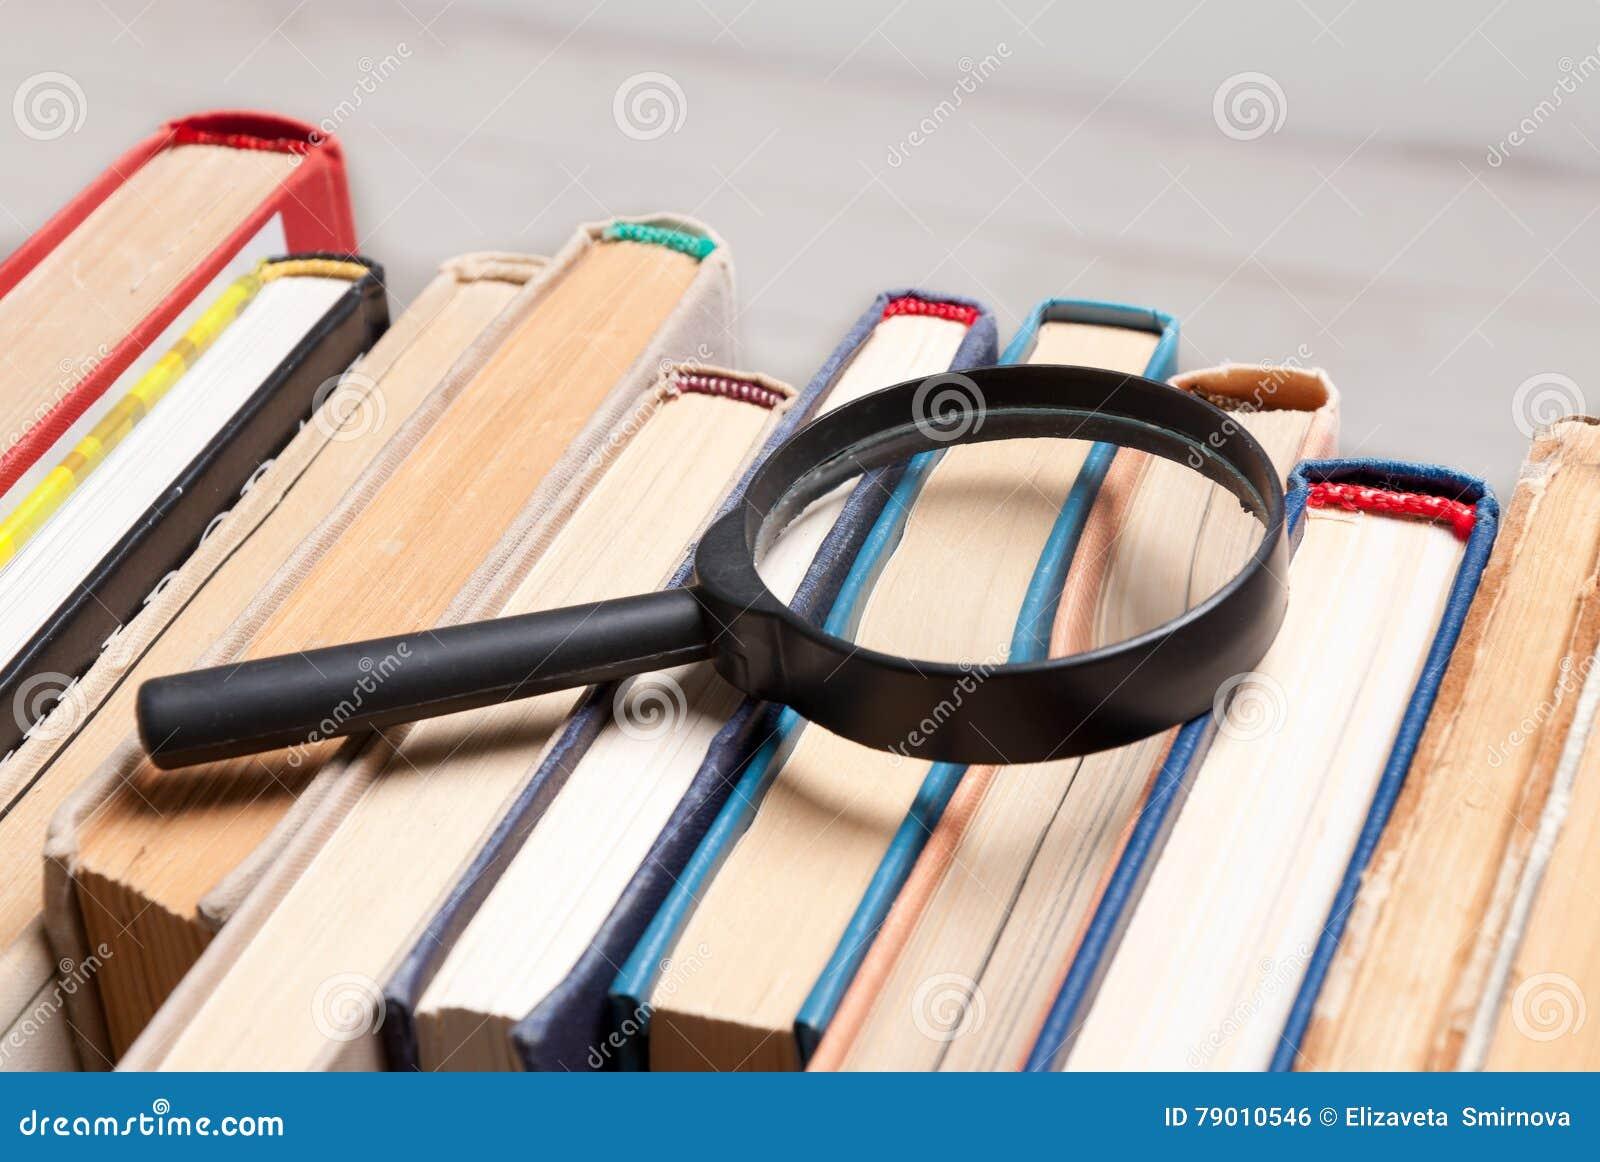 Pilha de livros velhos do livro encadernado com lupa Procure pela informação relevante e necessária em um grande número duri das